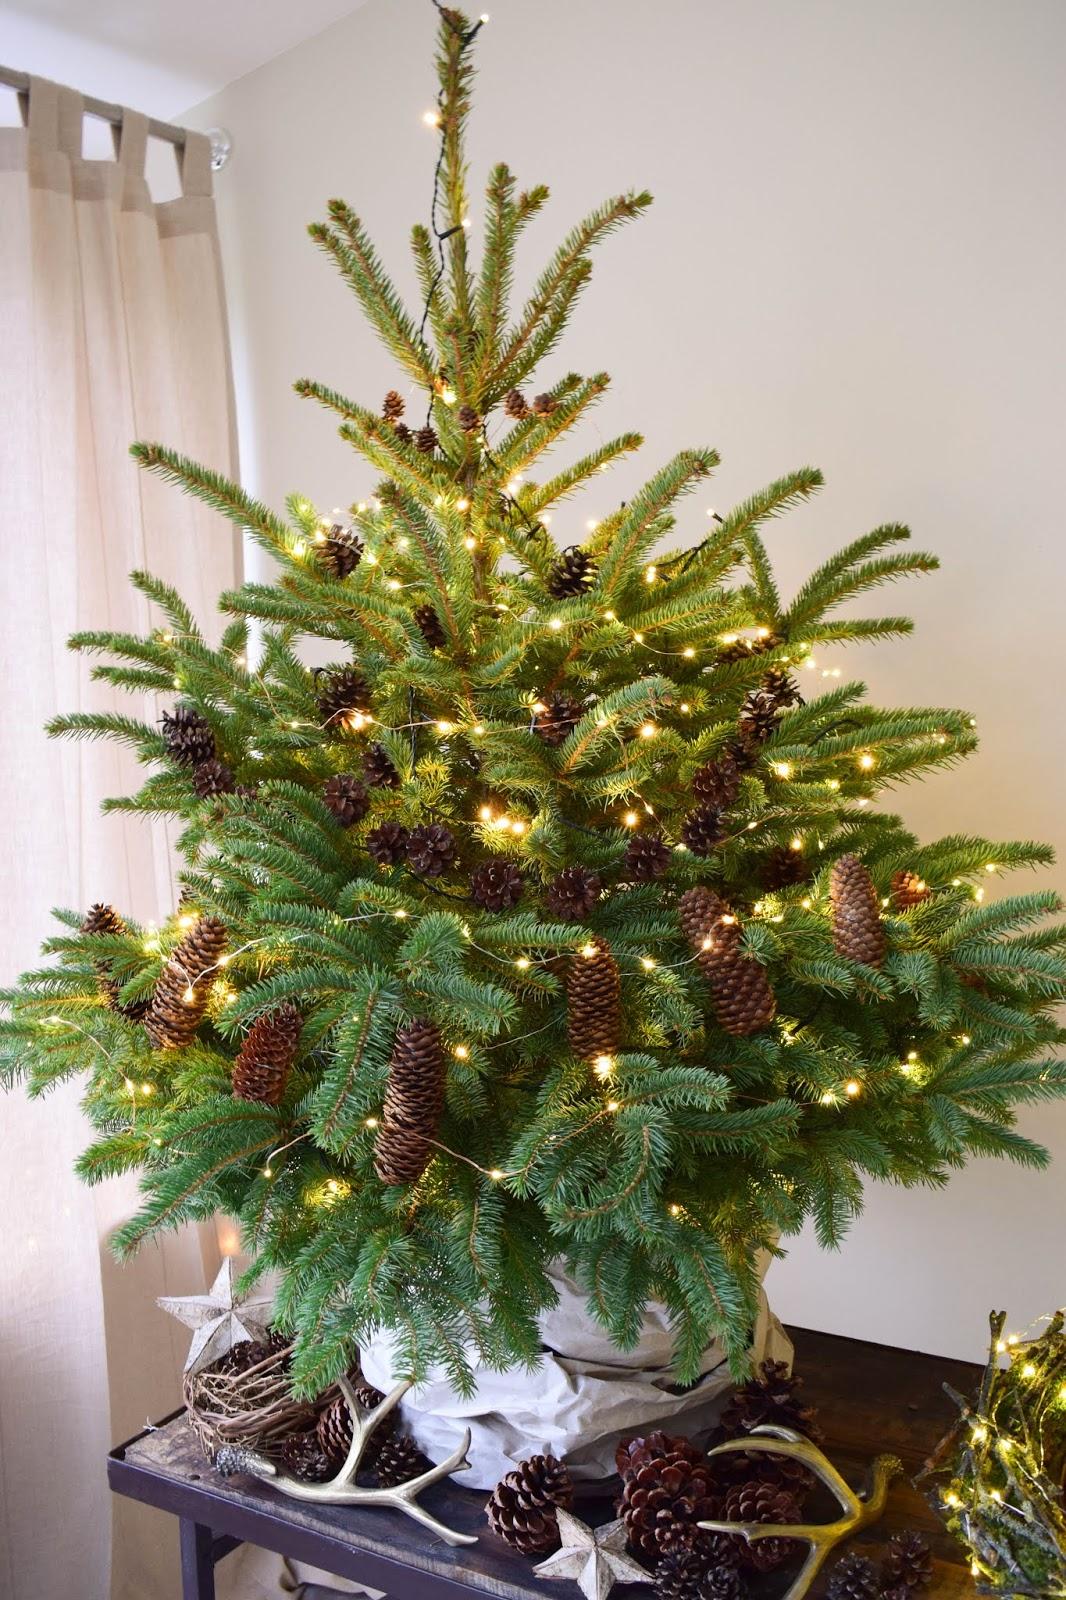 Weihnachtsbaum Natürlich.Natürliche Deko Für Den Weihnachtsbaum Weihnachtsbaumschmuck